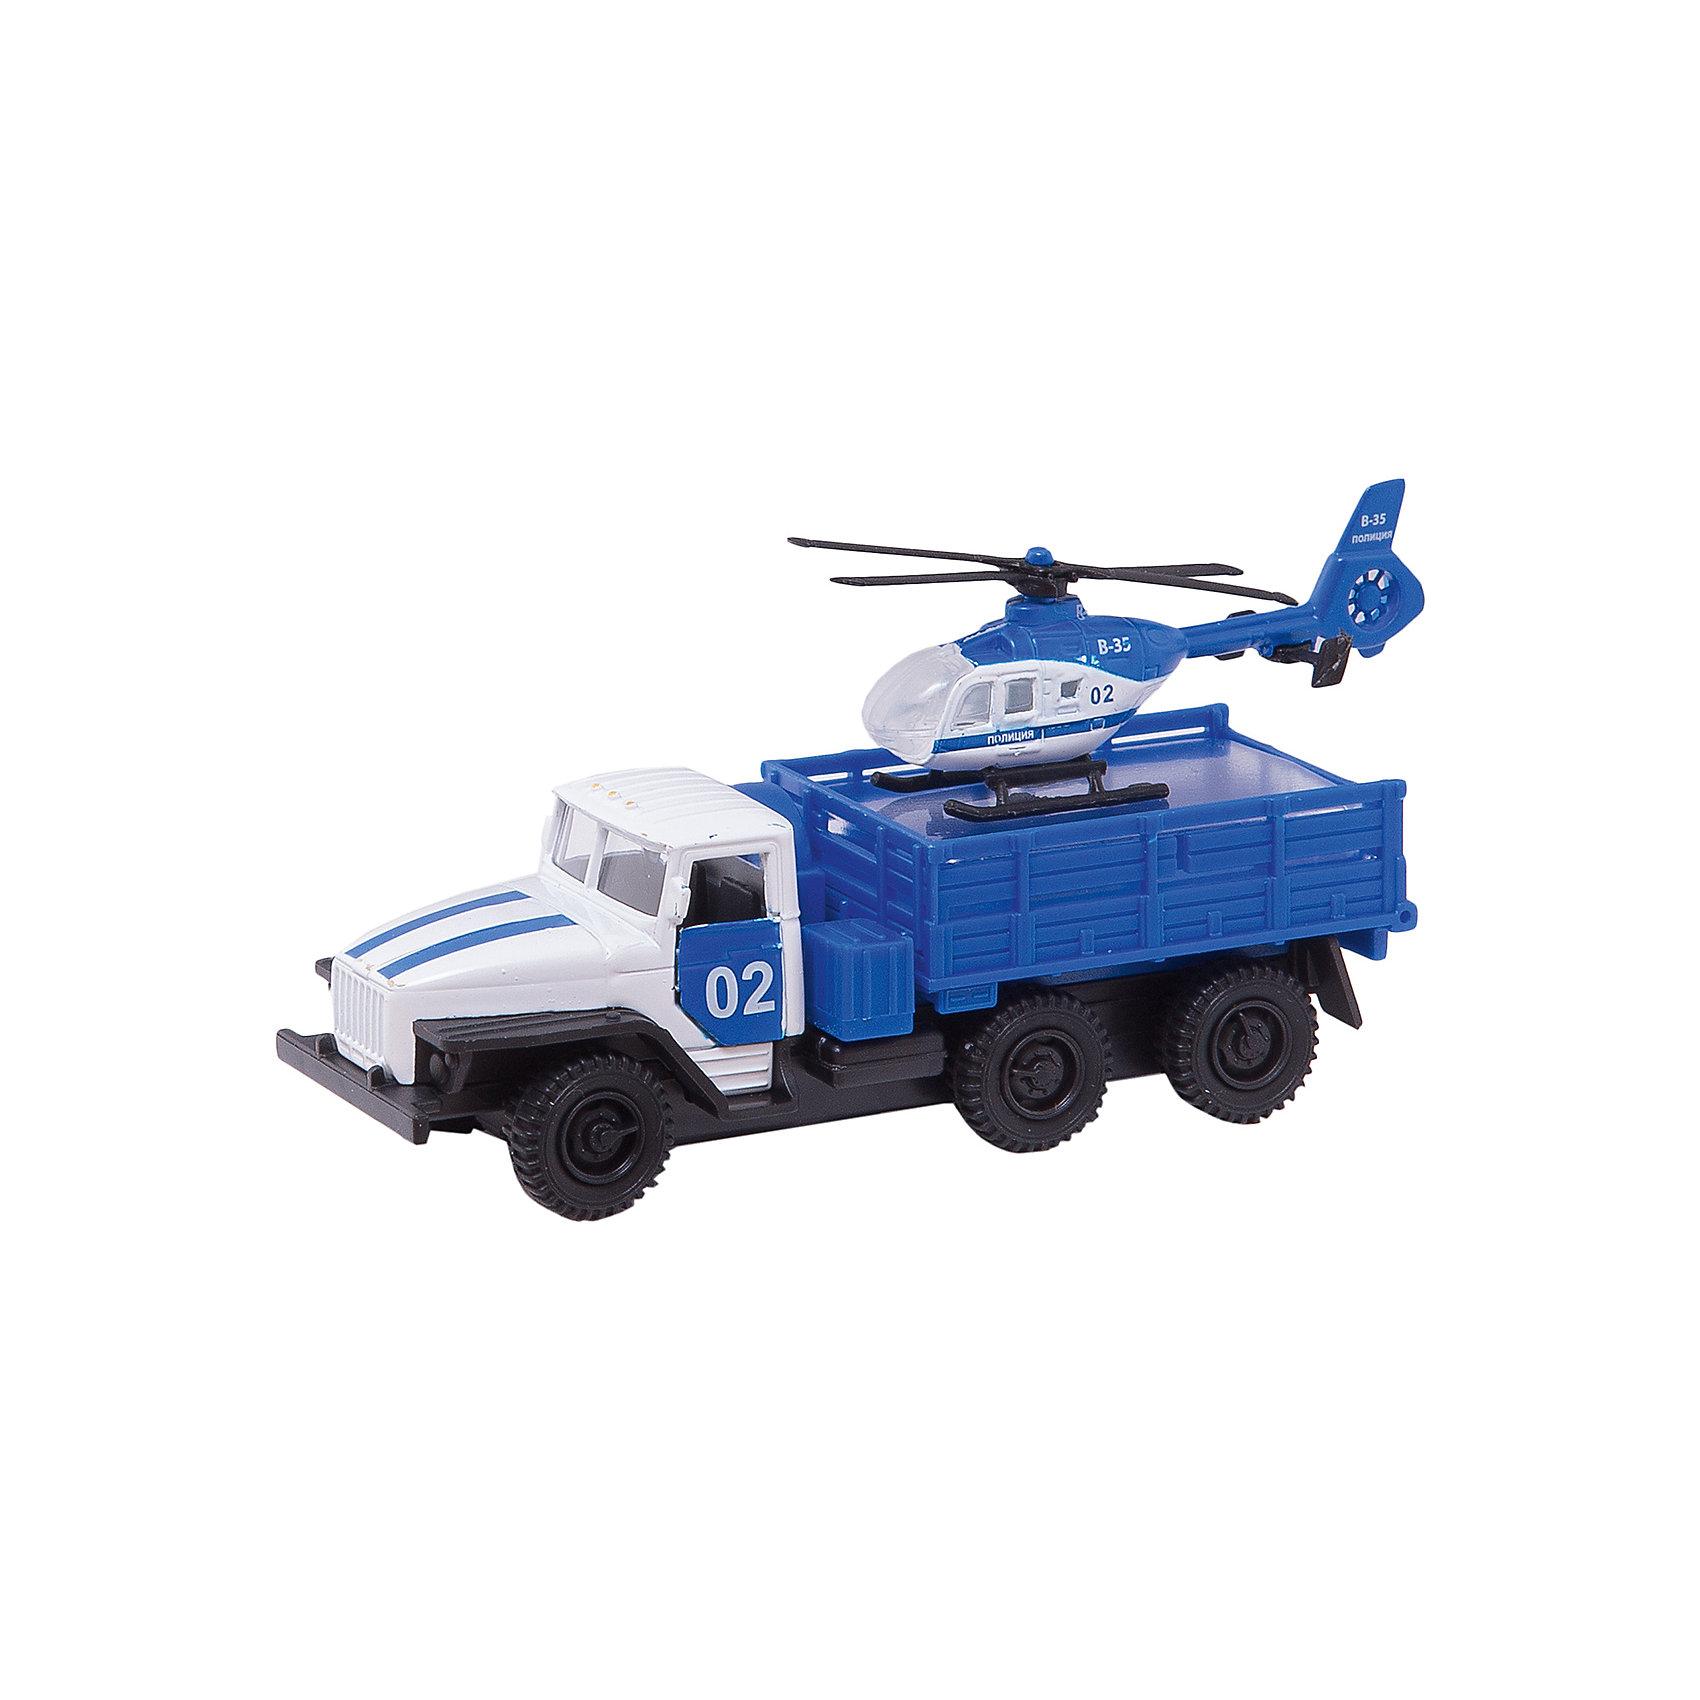 Машина Урал с вертолетом, ТехнопаркХарактеристика:<br><br>- Возраст: от 3 лет.<br>- В комплекте: машина, вертолет. <br>- Материал: металл, пластик.<br>- Размер упаковки: 17х15х6 см.<br><br>Прекрасный подарочный набор для мальчика!<br>Игрушка выглядит очень реалистично, а еще, у автомобиля открываются капот и двери кабины, причем под капотом можно увидеть детали двигателя.<br><br>Машина Урал с вертолетом, можно купить в нашем магазине.<br><br>Ширина мм: 50<br>Глубина мм: 150<br>Высота мм: 170<br>Вес г: 170<br>Возраст от месяцев: 36<br>Возраст до месяцев: 72<br>Пол: Мужской<br>Возраст: Детский<br>SKU: 5099092